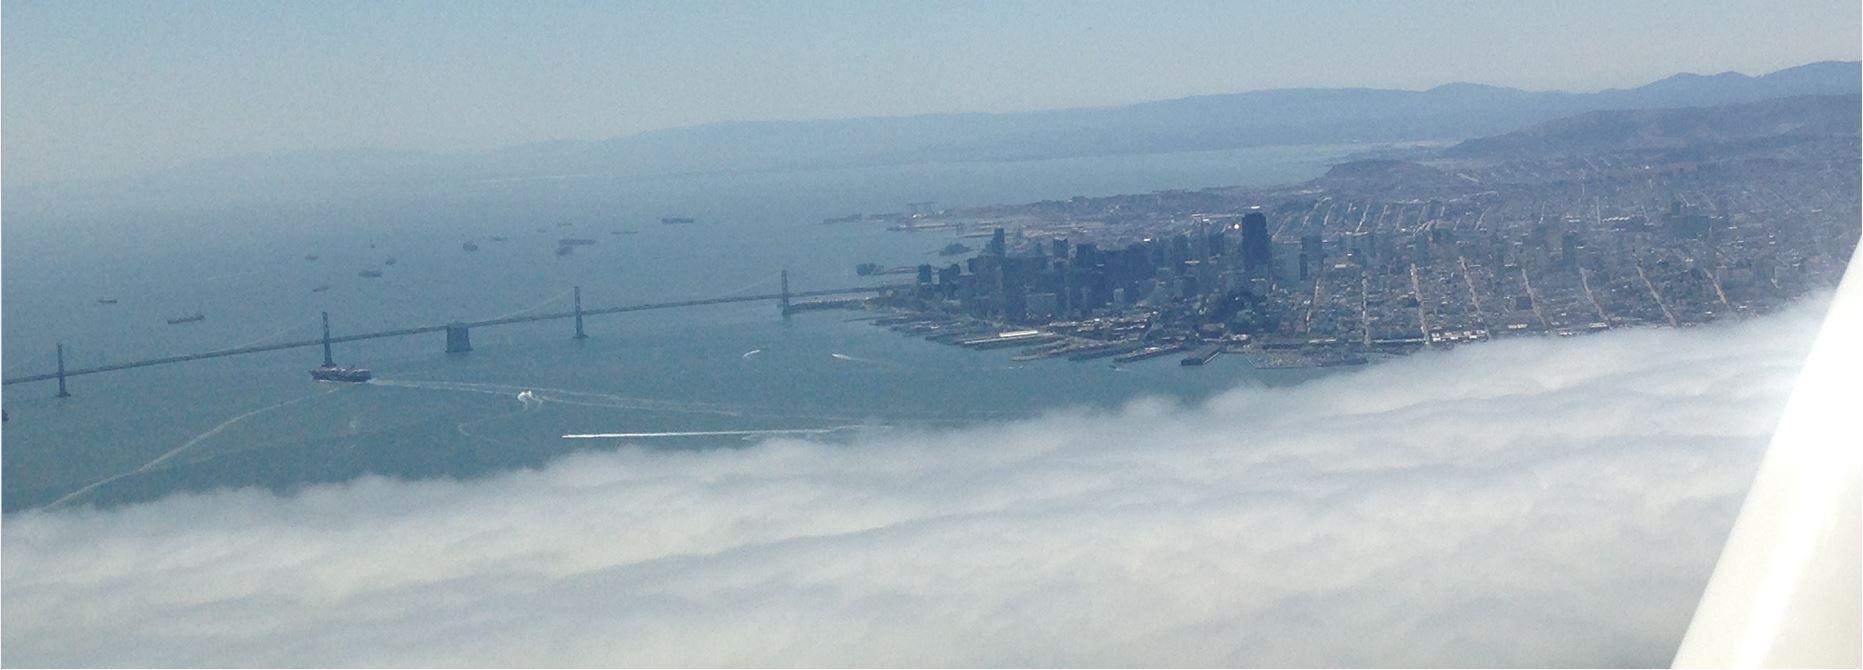 Flight Instructor Jobs; Flight Instructor openings. Flight Instruct in the SF Bay area